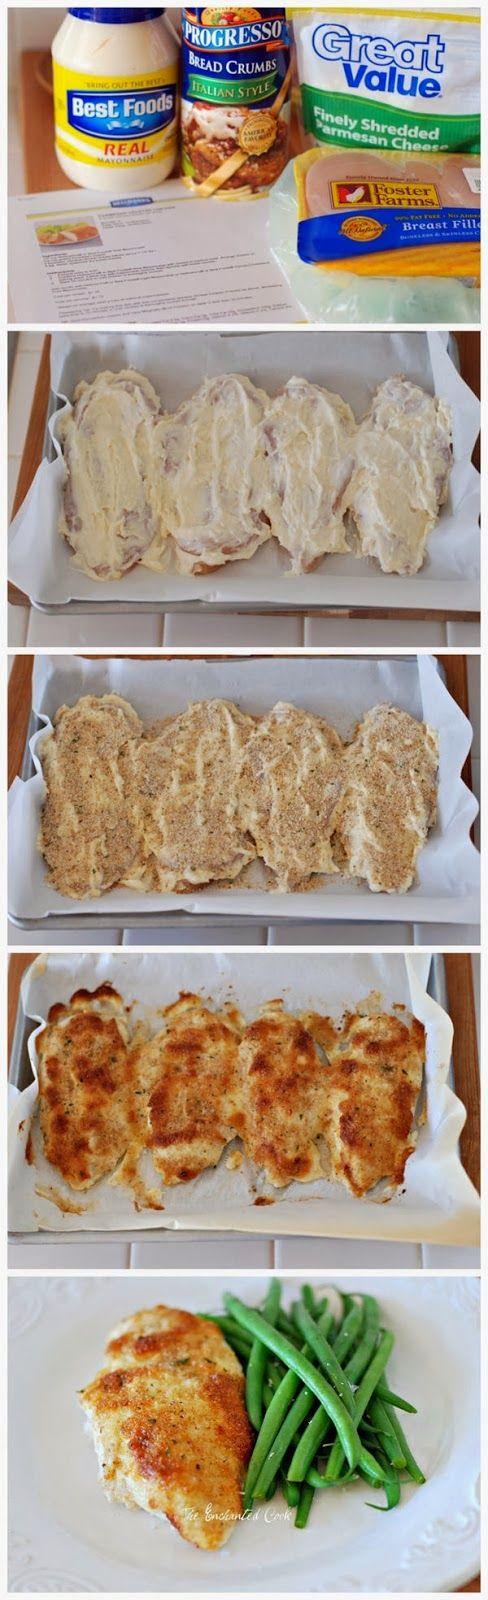 Best Foods Parmesan Chicken Recipe